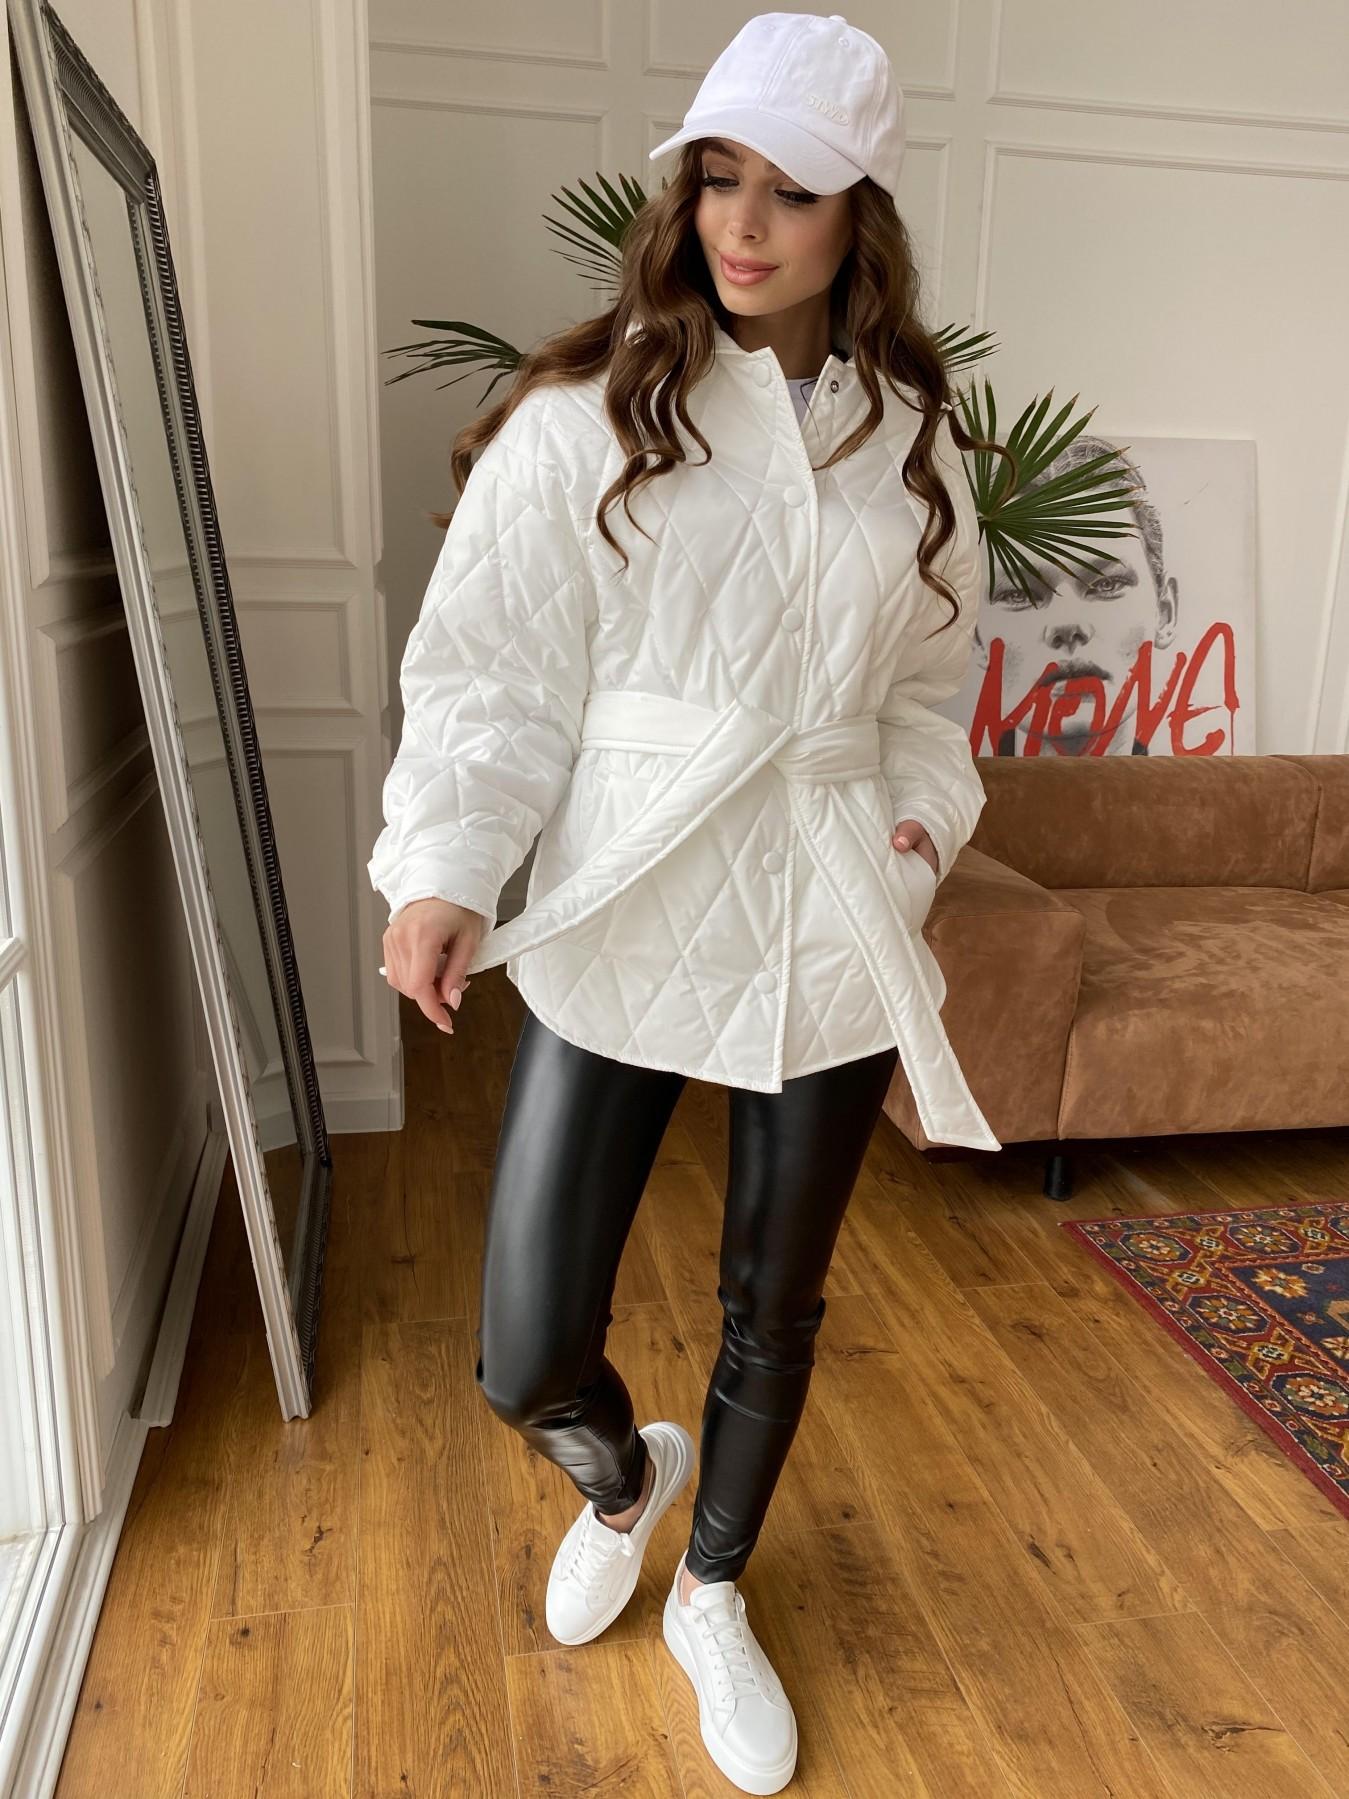 Моно куртка из плащевой ткани Ammy 10972 АРТ. 47667 Цвет: Молоко 12 - фото 5, интернет магазин tm-modus.ru